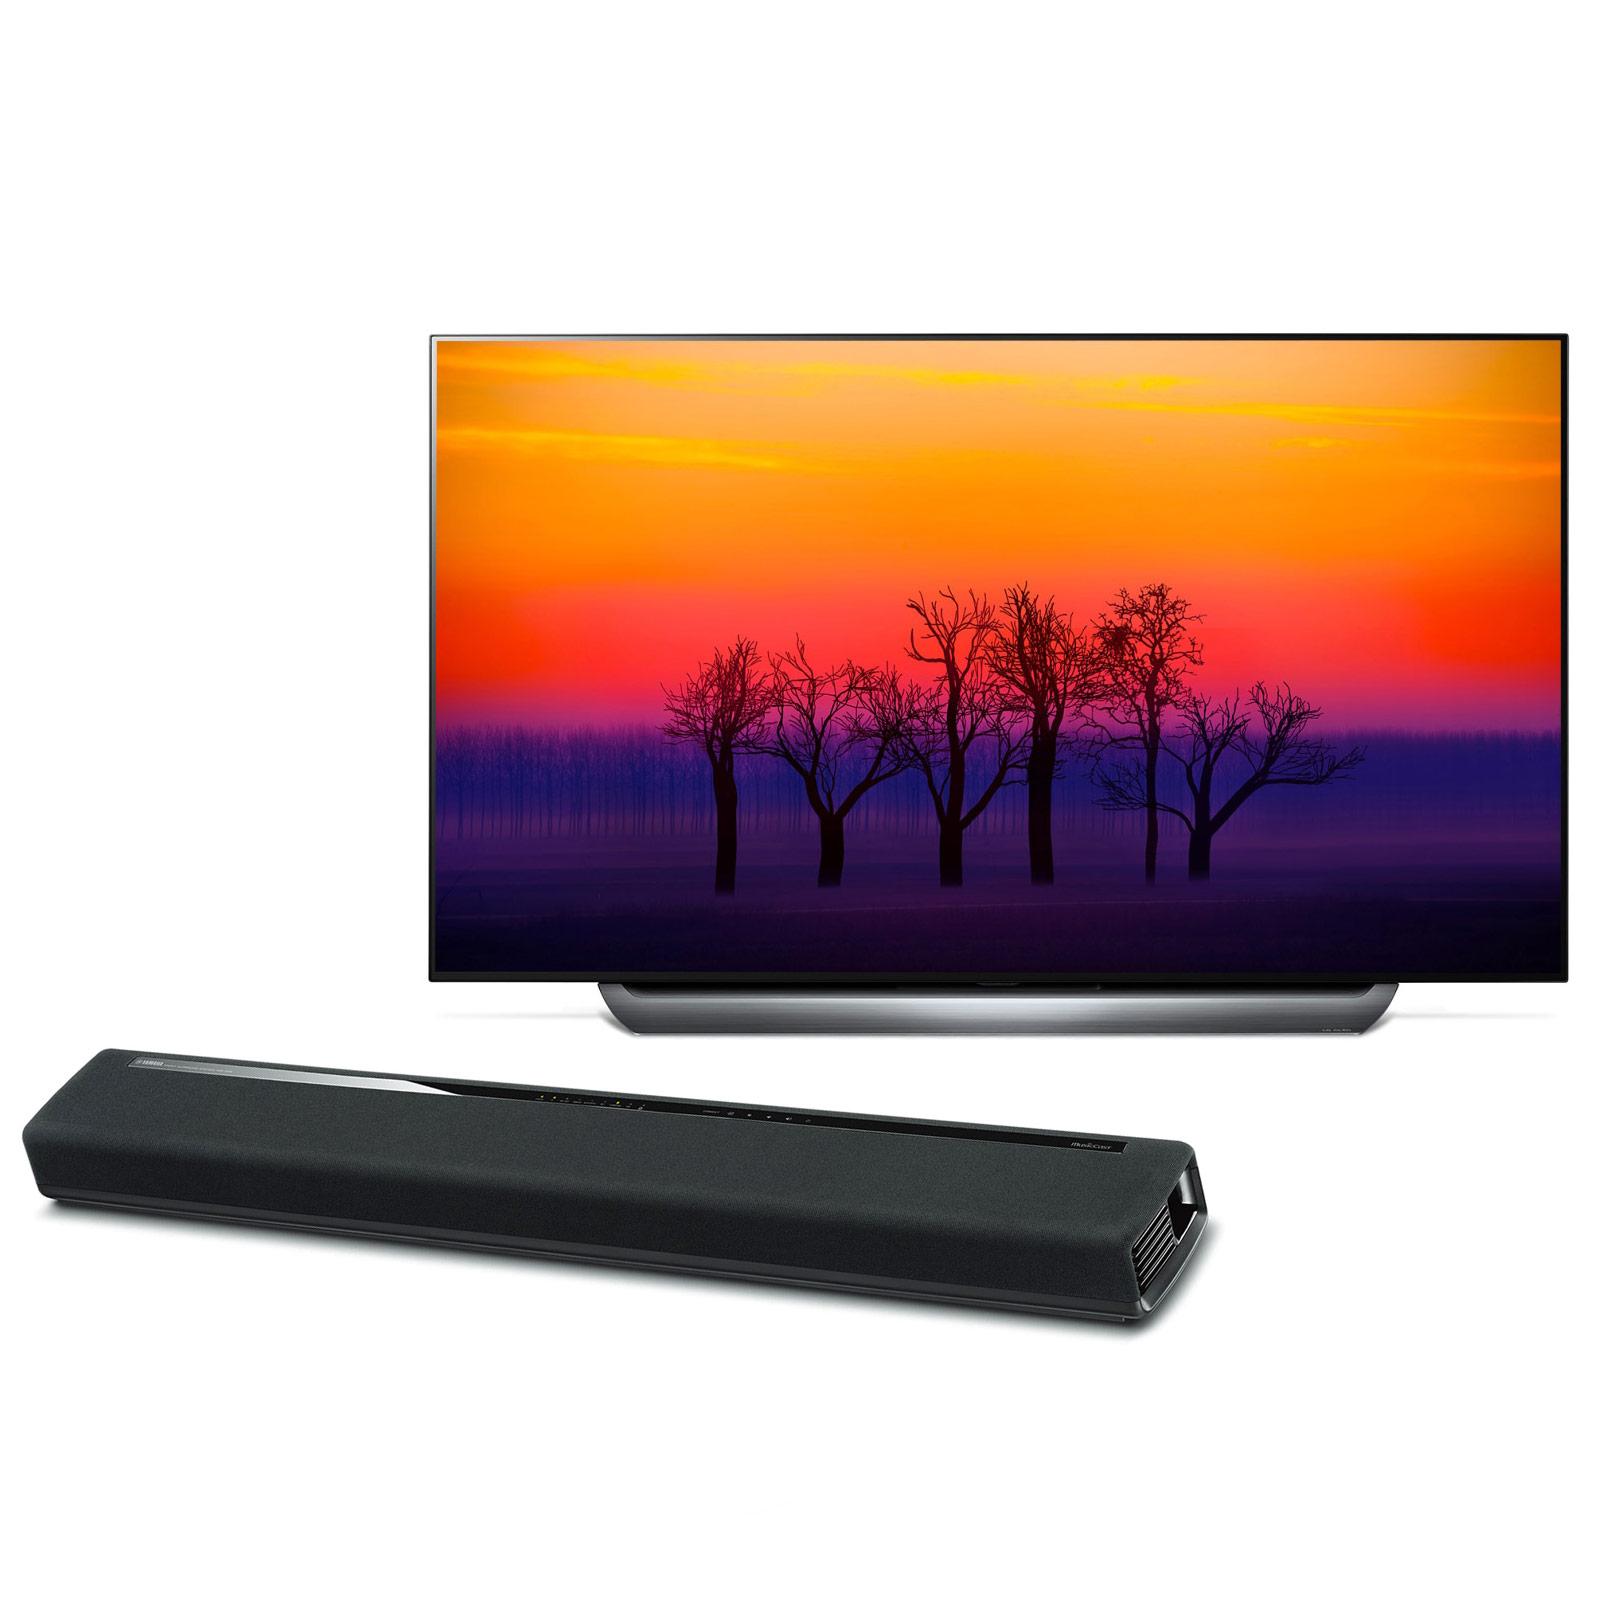 """TV LG OLED55C8 + Yamaha MusicCast YAS-306 Noir Téléviseur OLED 4K 55"""" (140 cm) 16/9 - 3840 x 2160 pixels - Ultra HD 2160p - HDR - Wi-Fi - Bluetooth - Dolby Atmos (dalle native 100 Hz) + Barre de son 2.1 Bluetooth avec MusicCast"""